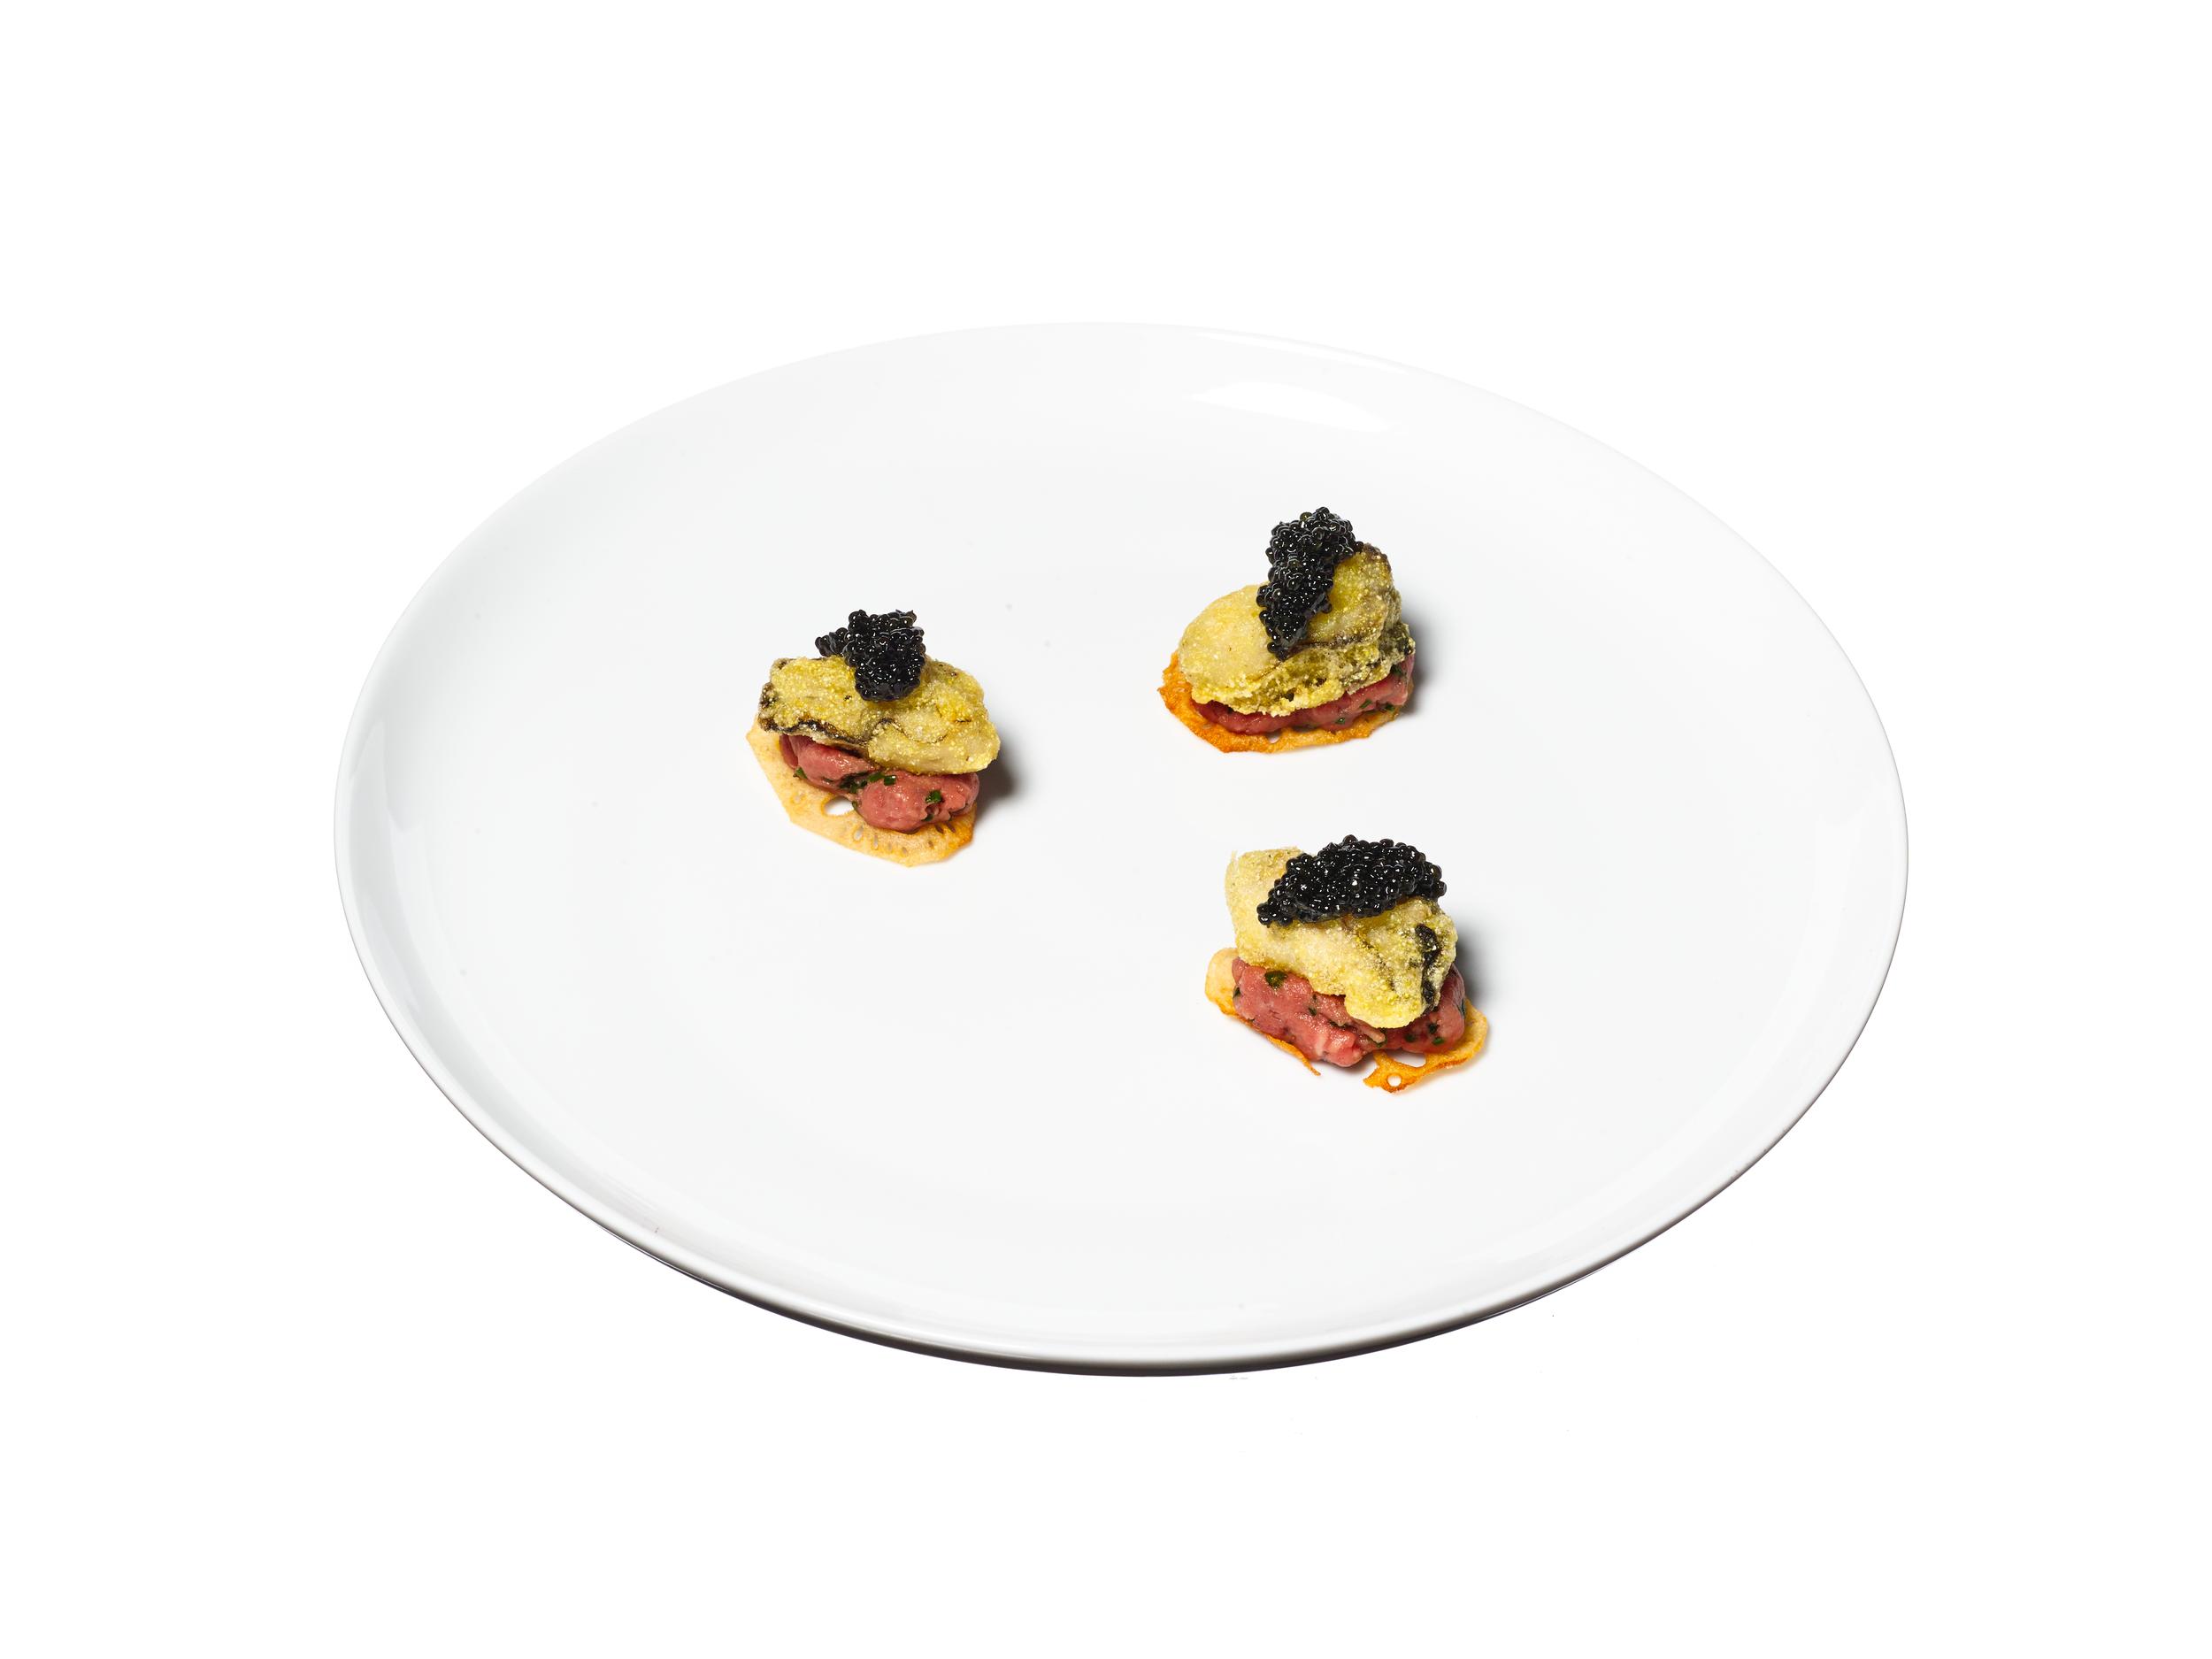 crispy oysters + steak tartare + caviar, plated canapés